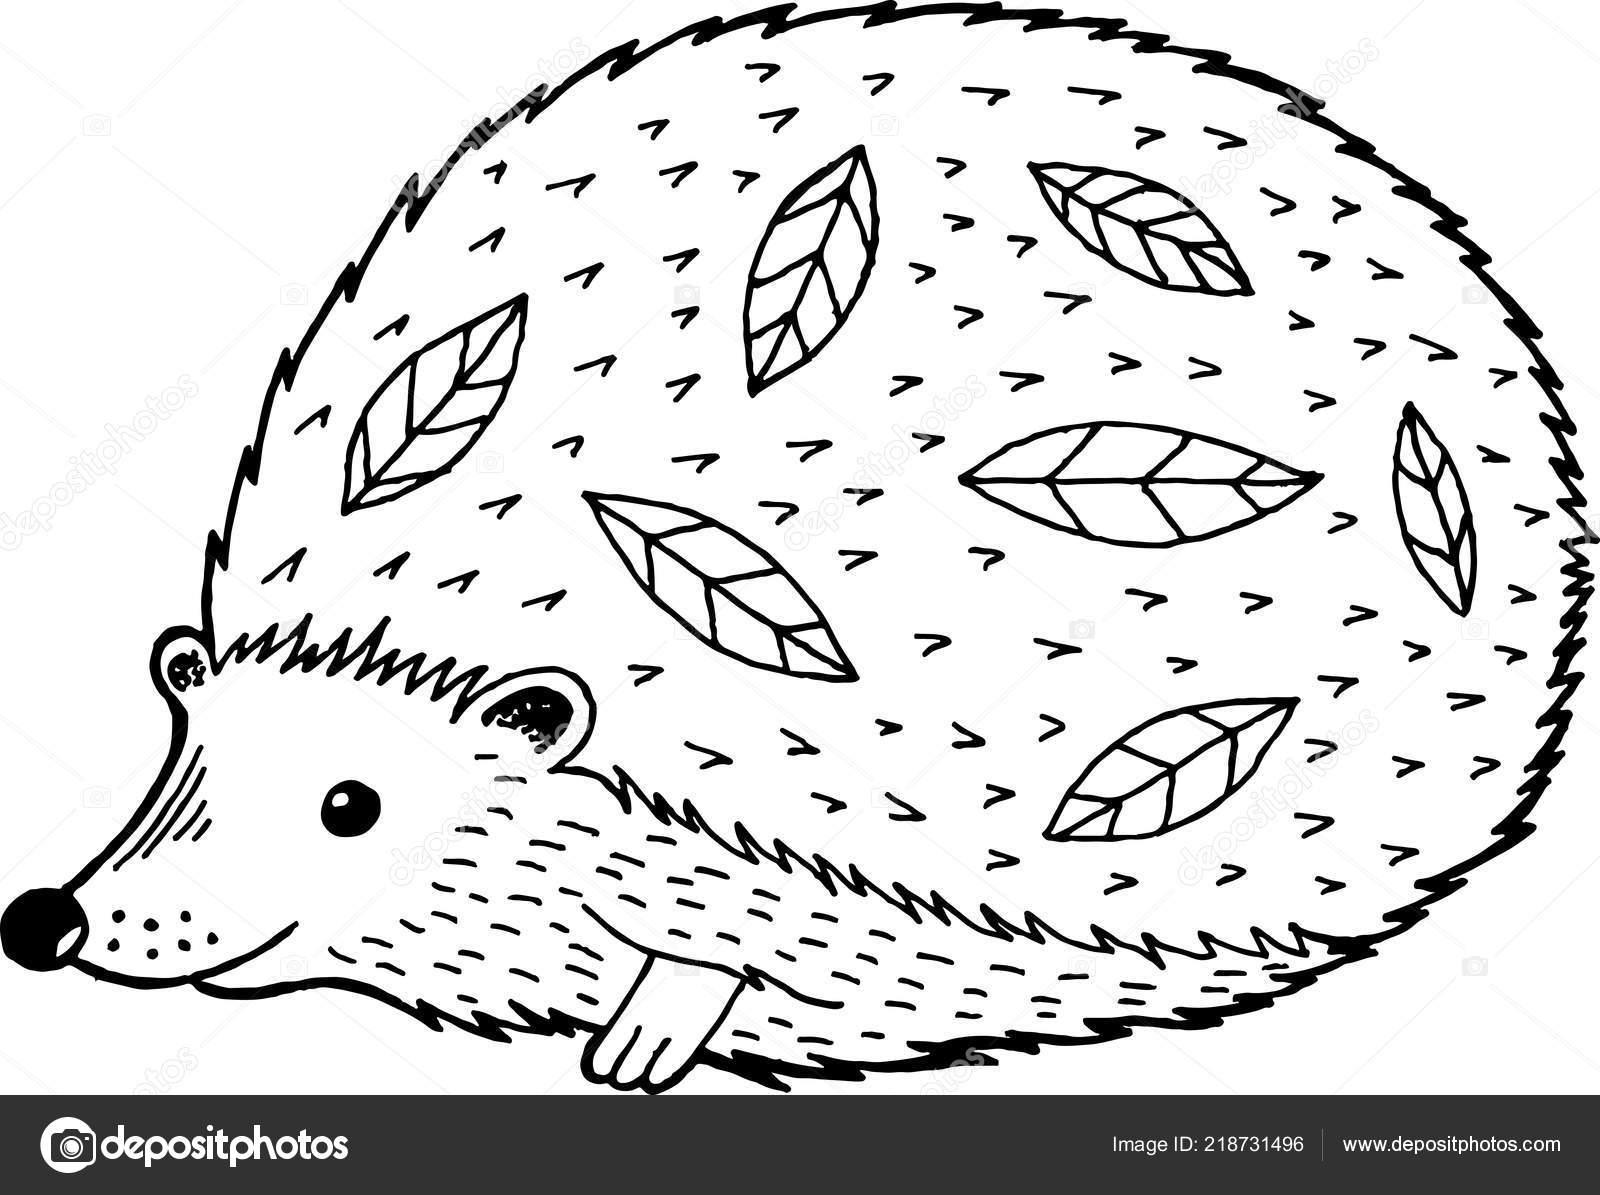 Cartoon Igel Malvorlagen Für Kinder Und Erwachsene Vektor